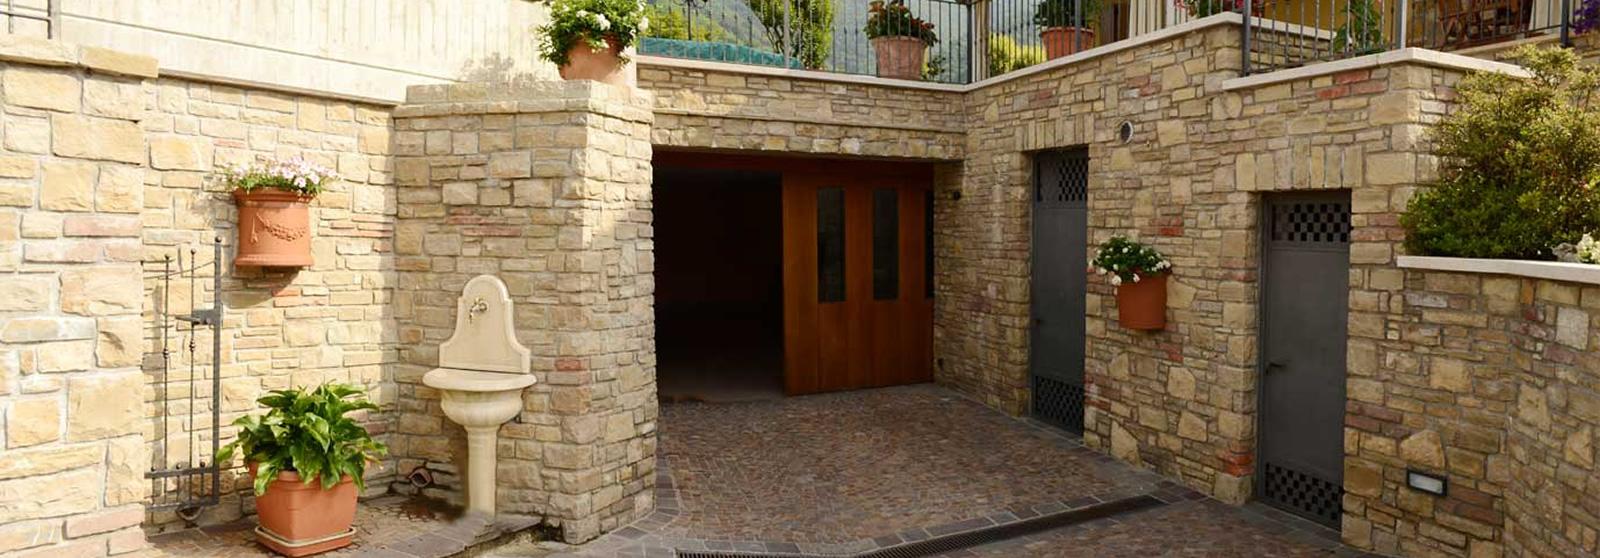 Cava bettoni vera pietra di credaro estrazione for Pietra di credaro rivestimenti